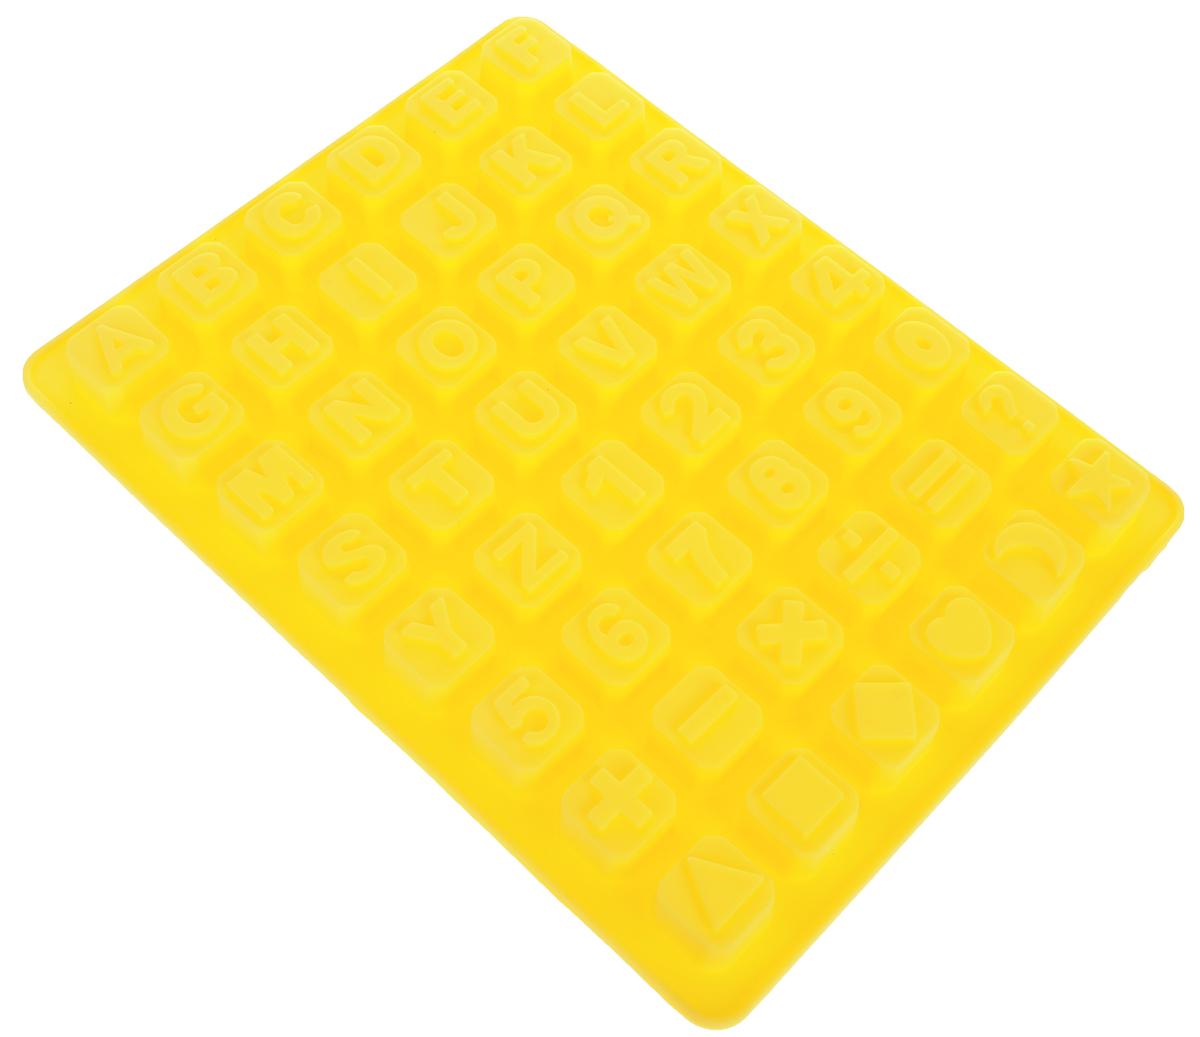 Форма для льда и шоколада Доляна Английский алфавит, цвет: желтый, 48 ячеек, 23,5 х 18 х 1,6 см1403979_желтыйСиликон не теряет эластичности при отрицательных температурах (до - 40°С), поэтому, готовые льдинки легко достаются из формы и не крошатся. Лед получается идеальной формы. С силиконовыми формами для льда легко фантазировать и придумывать новые рецепты. В формах можно заморозить сок или приготовить мини порции мороженого, желе, шоколада или другого десерта. Особенно эффектно выглядят льдинки с замороженными внутри ягодами или дольками фруктов. Заморозив настой из трав, можно использовать его в косметологических целях.